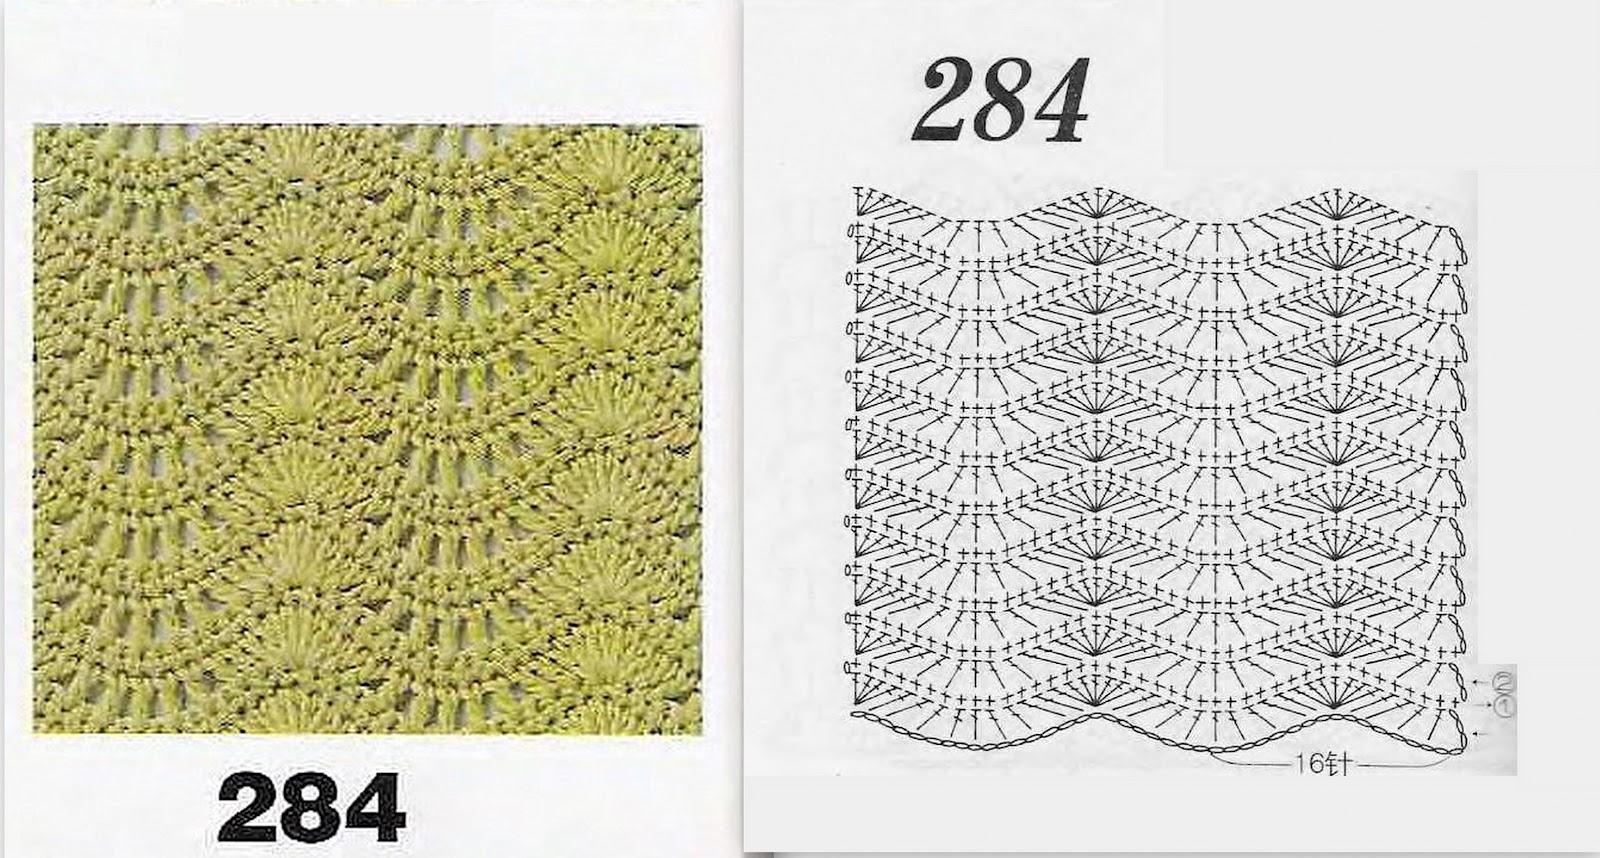 Схема вязания скатерти крючком для уютного отдыха. Связать 20